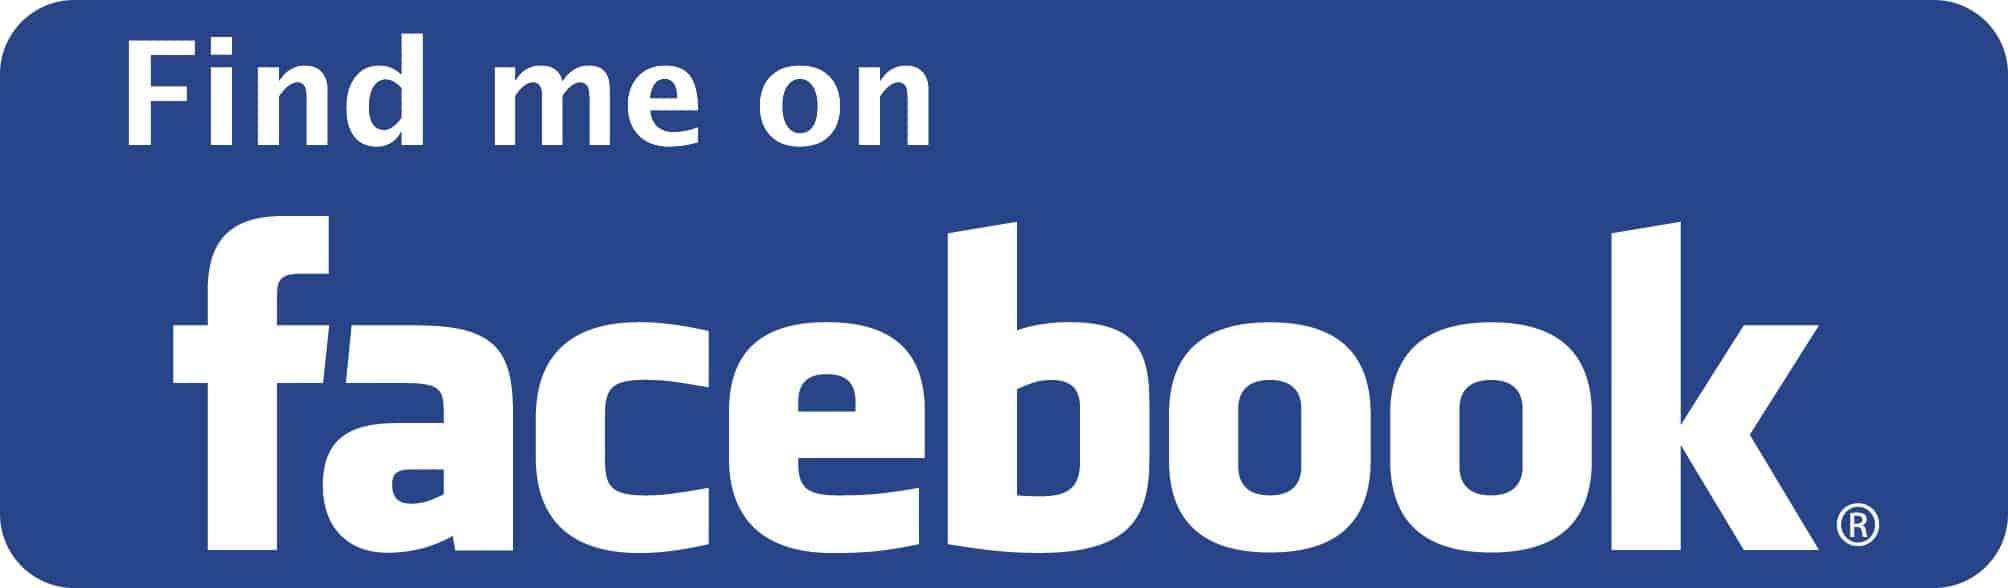 Facebook-Find-Me-2